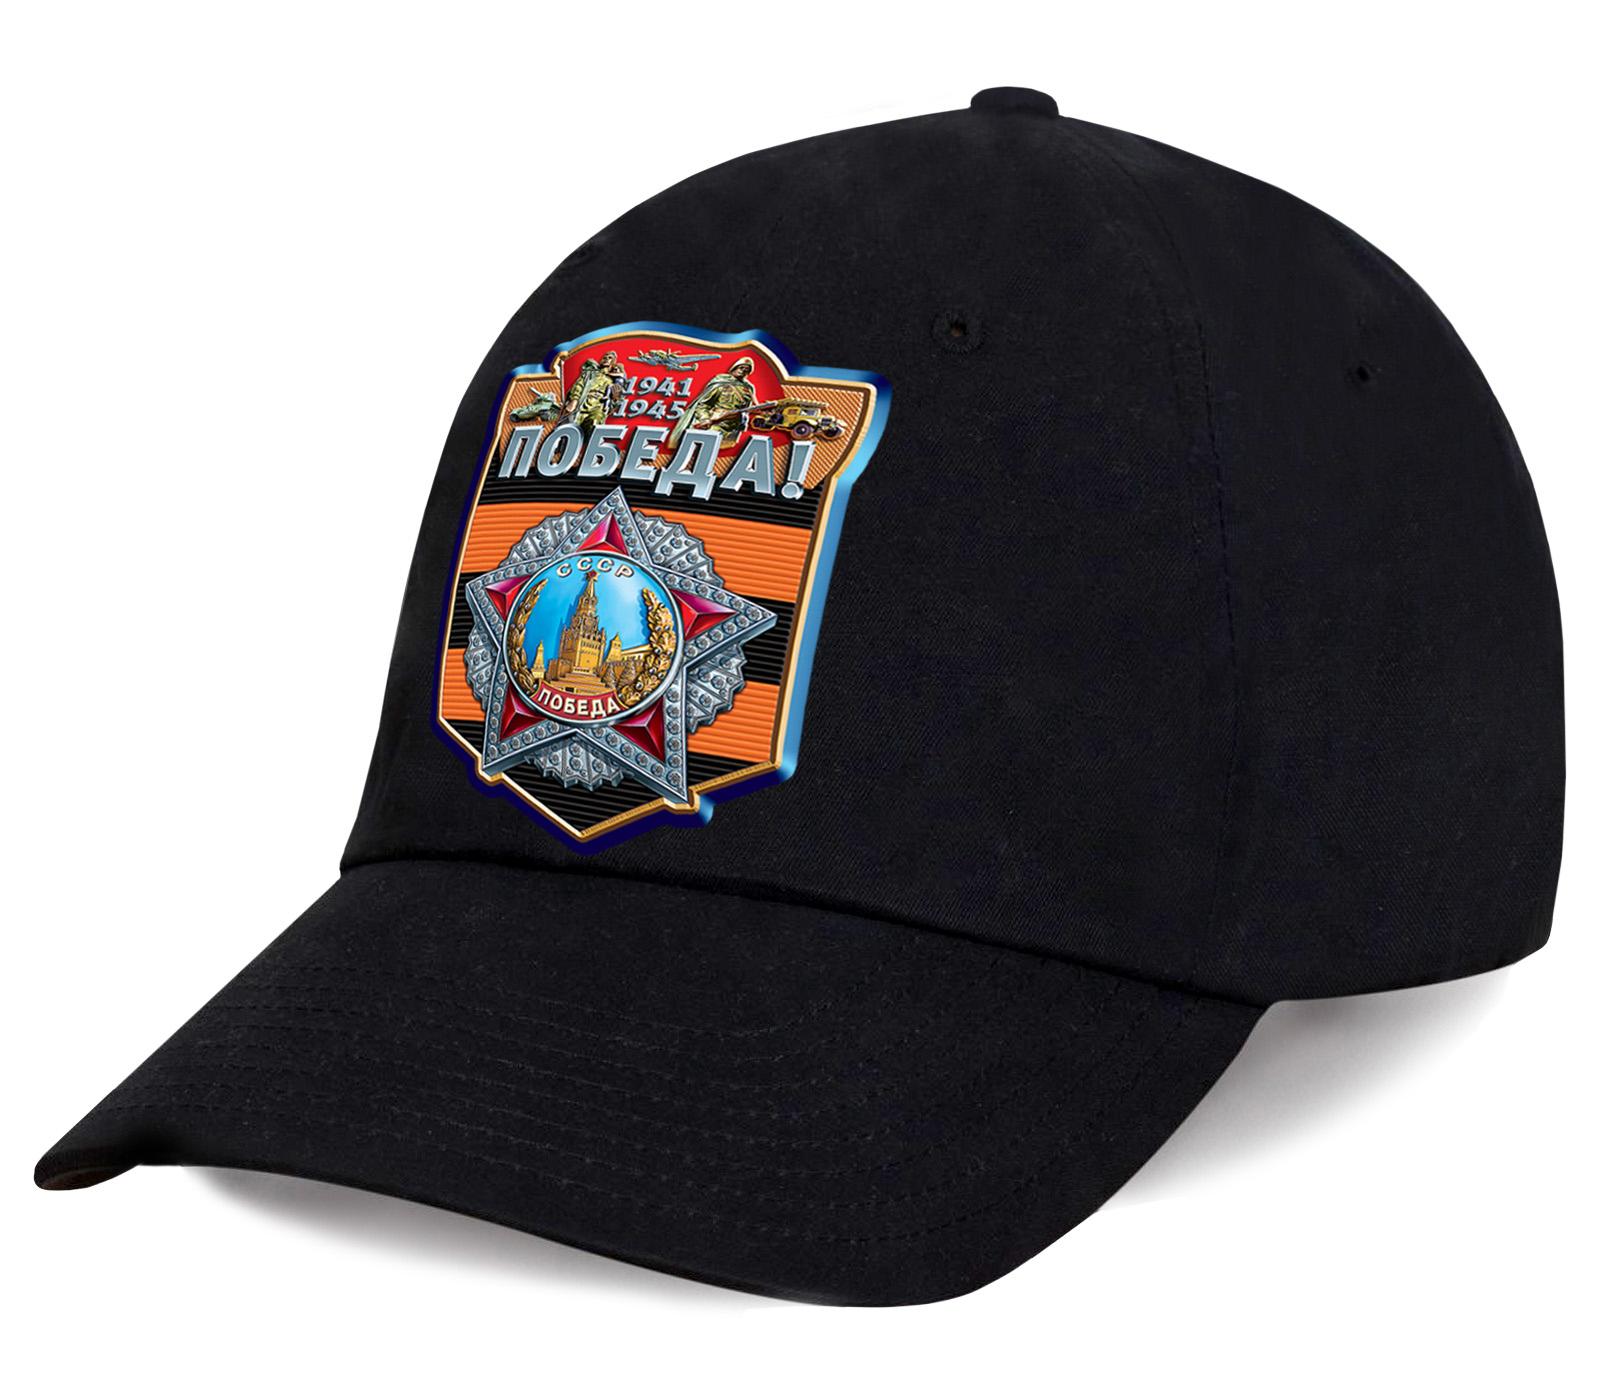 Мы предлагаем Вам оригинальный подарок к 9 Мая ветеранам и патриотам – достойную кепку с принтом Победа. Все еще сомневаетесь? Поверьте, такое Вы нигде не найдете!